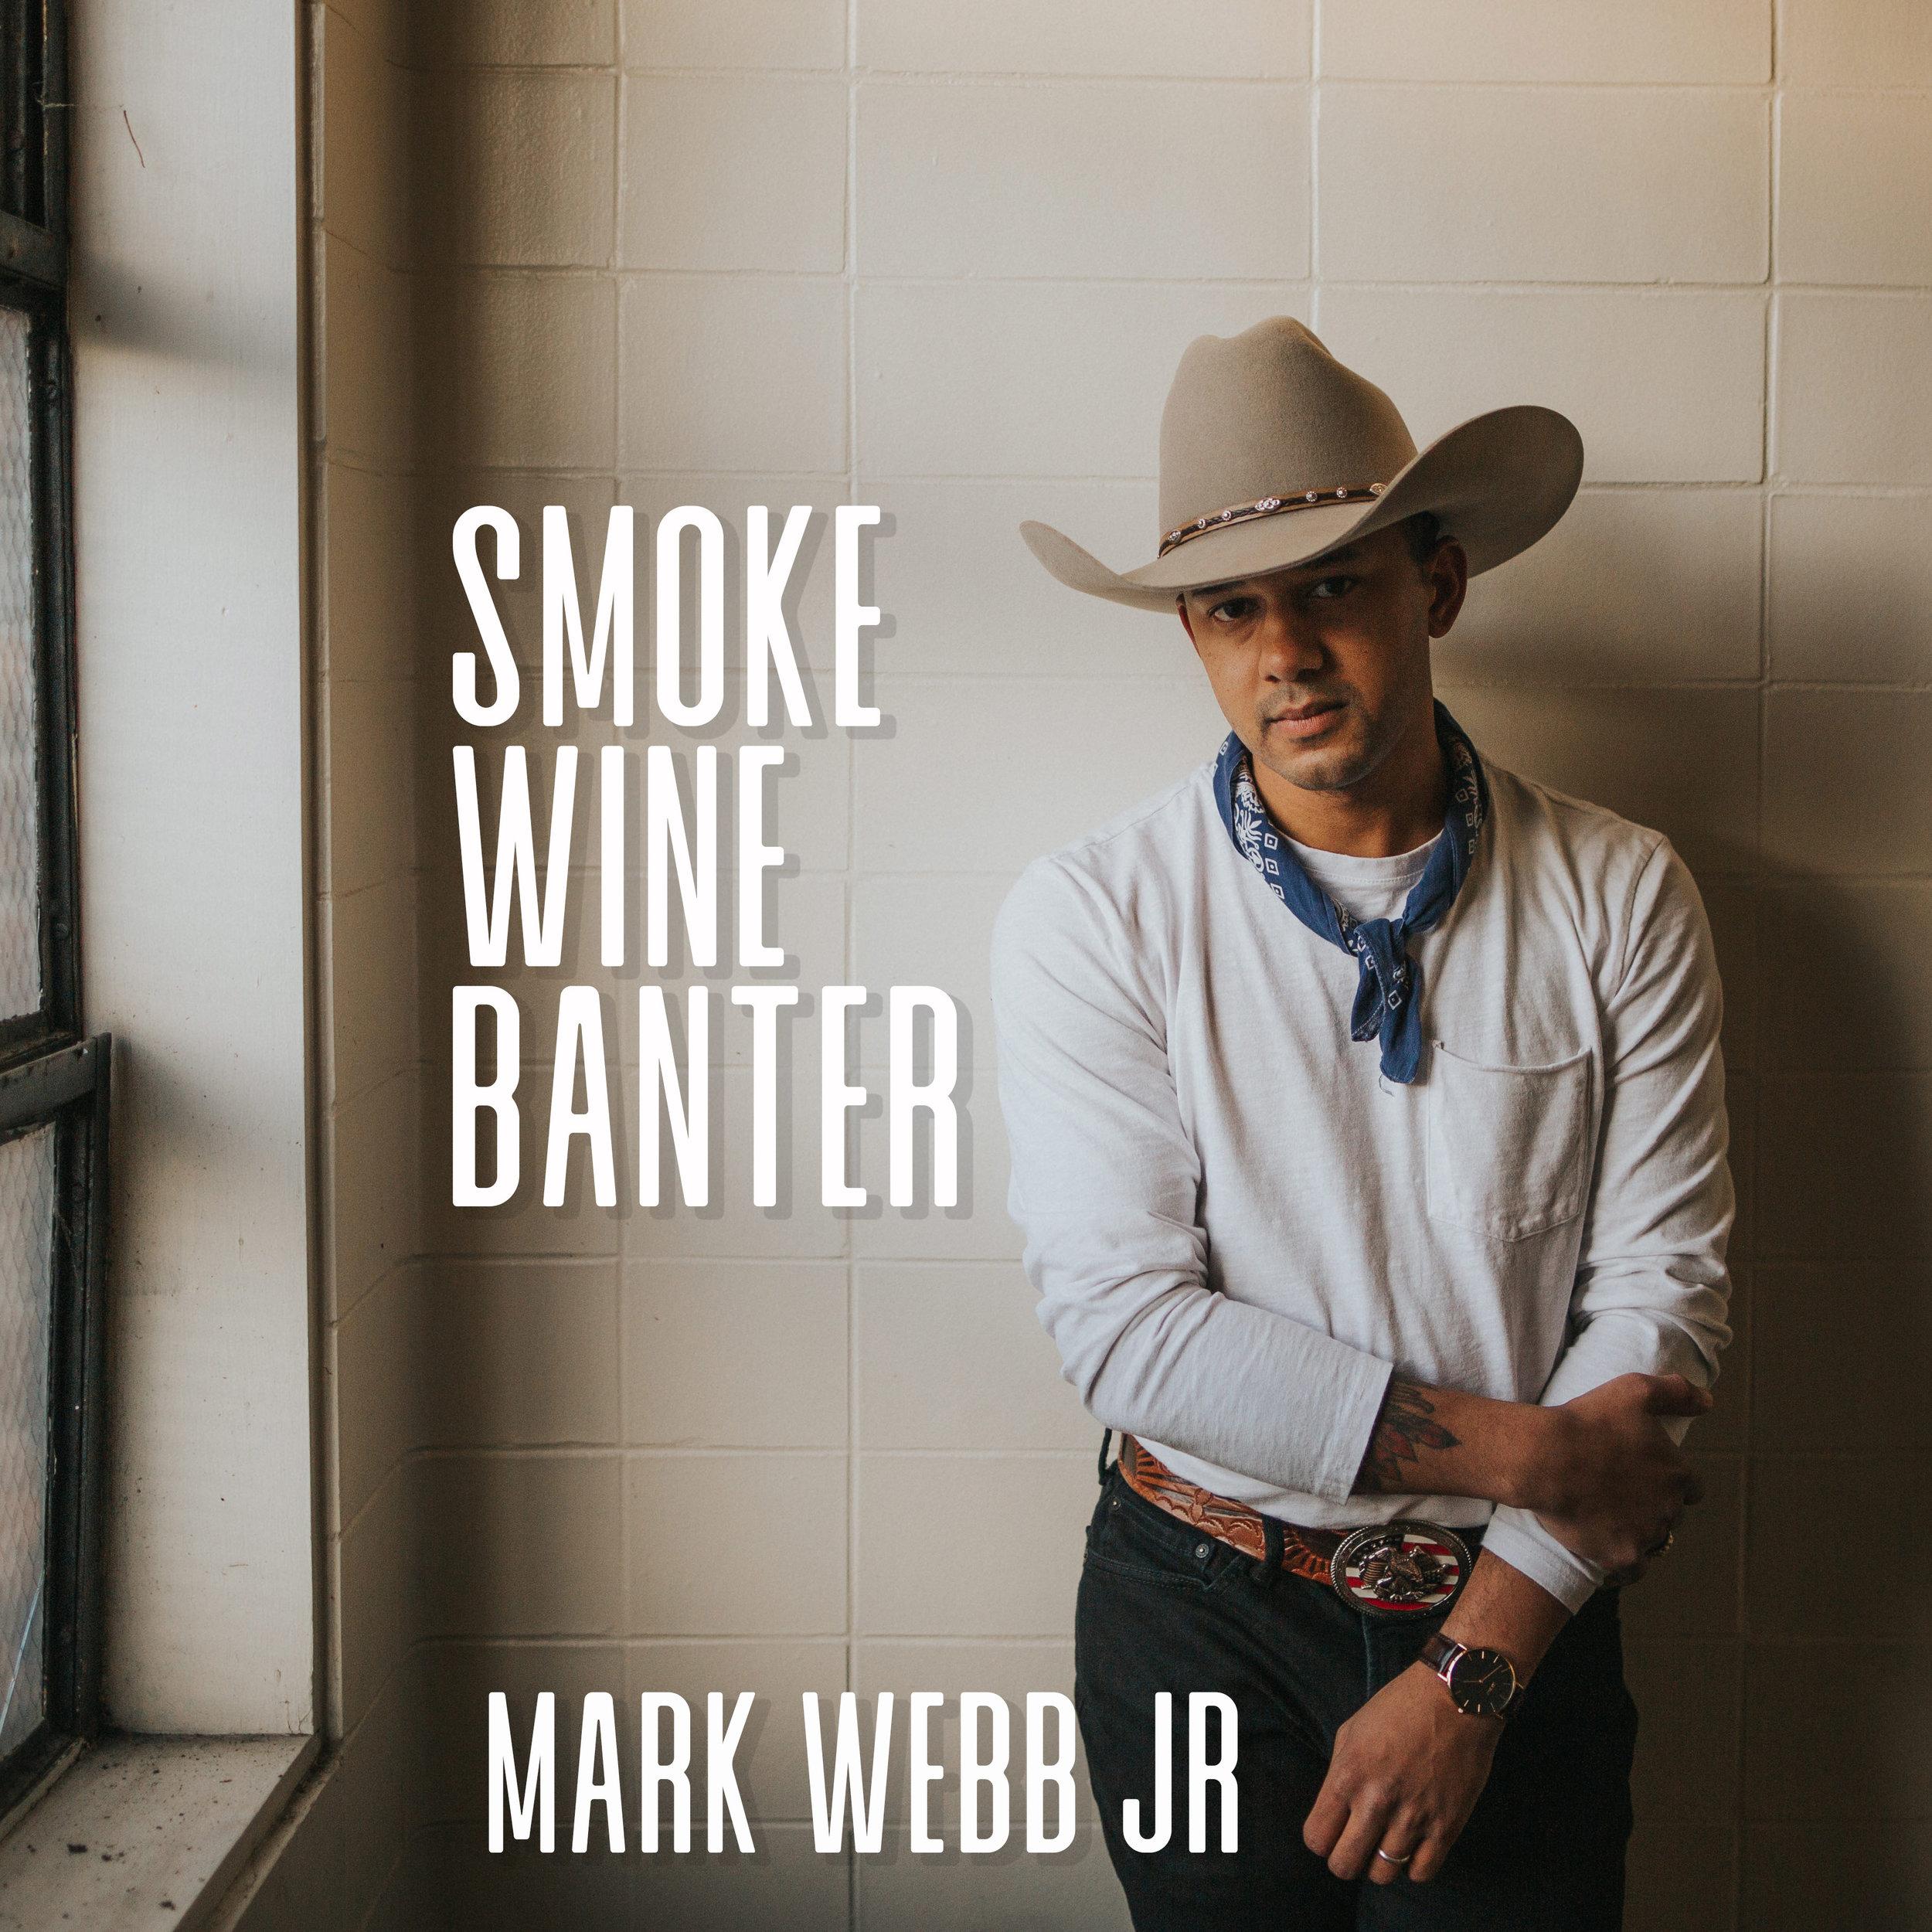 SmokeWineBanter.jpg